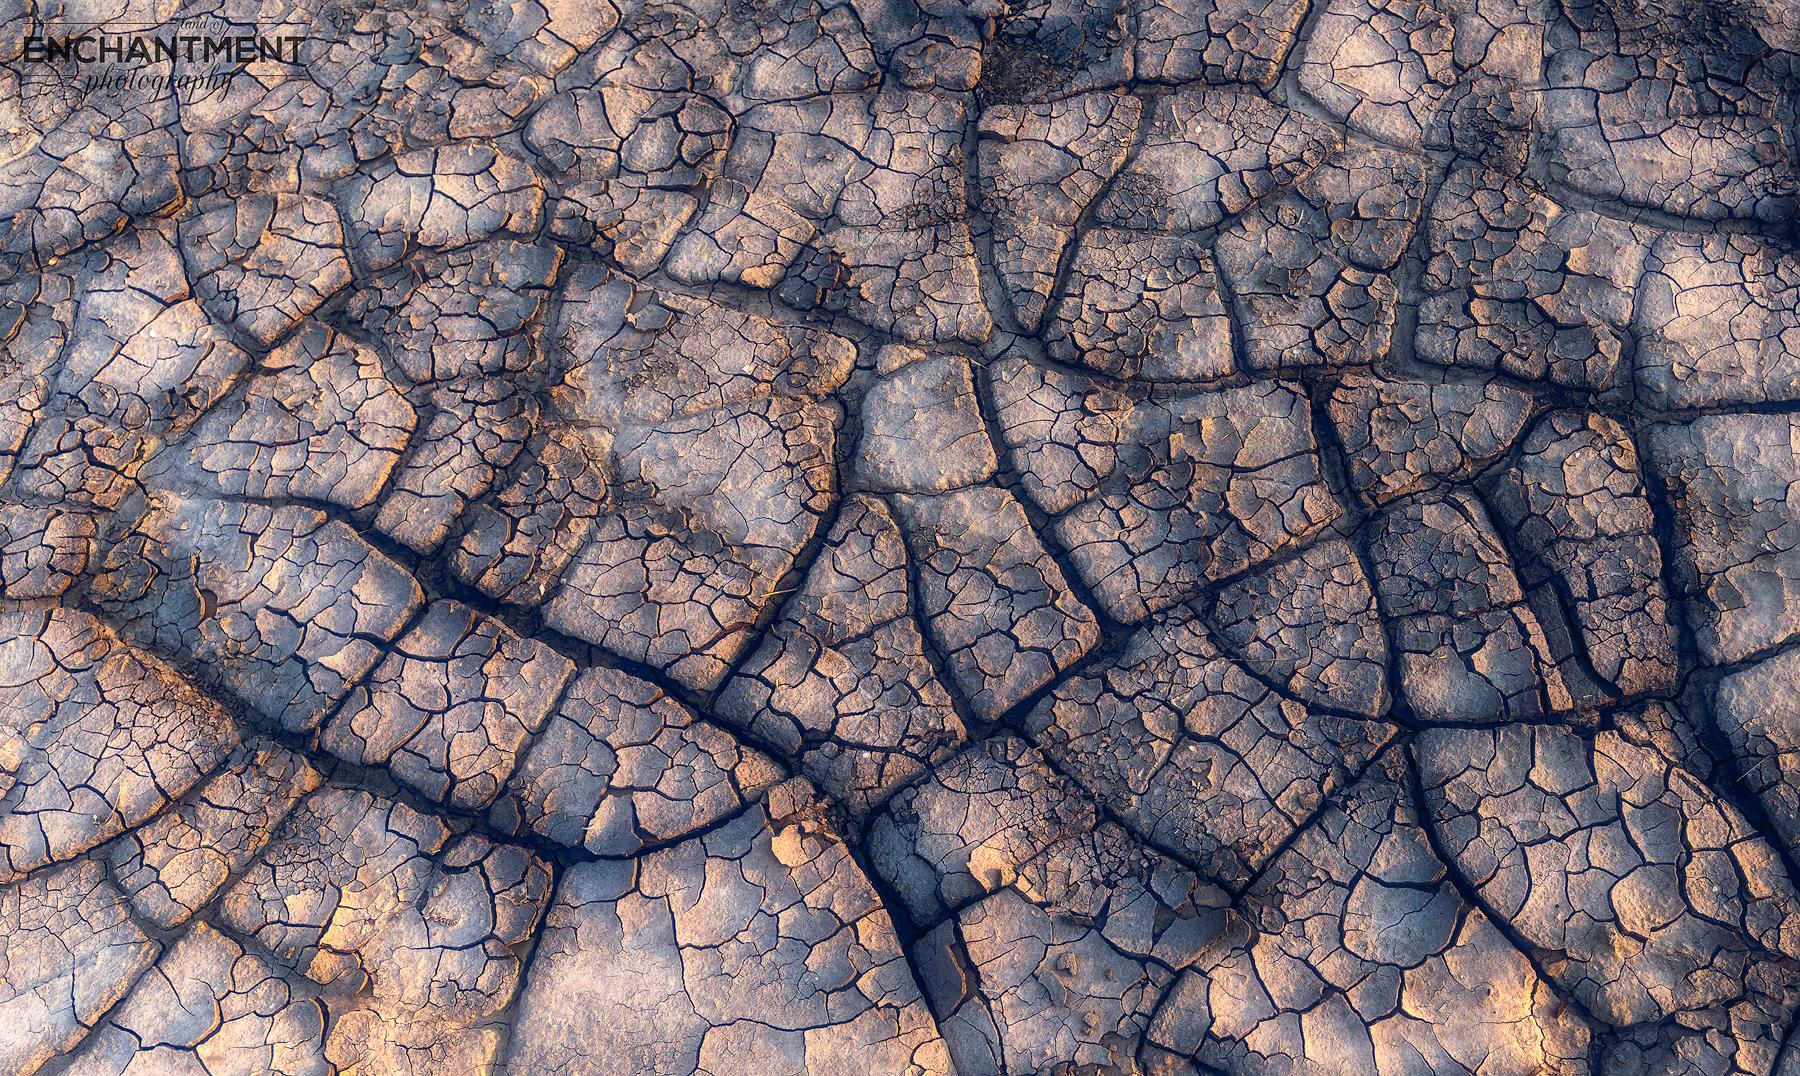 Bisti Badlands Ground Texture